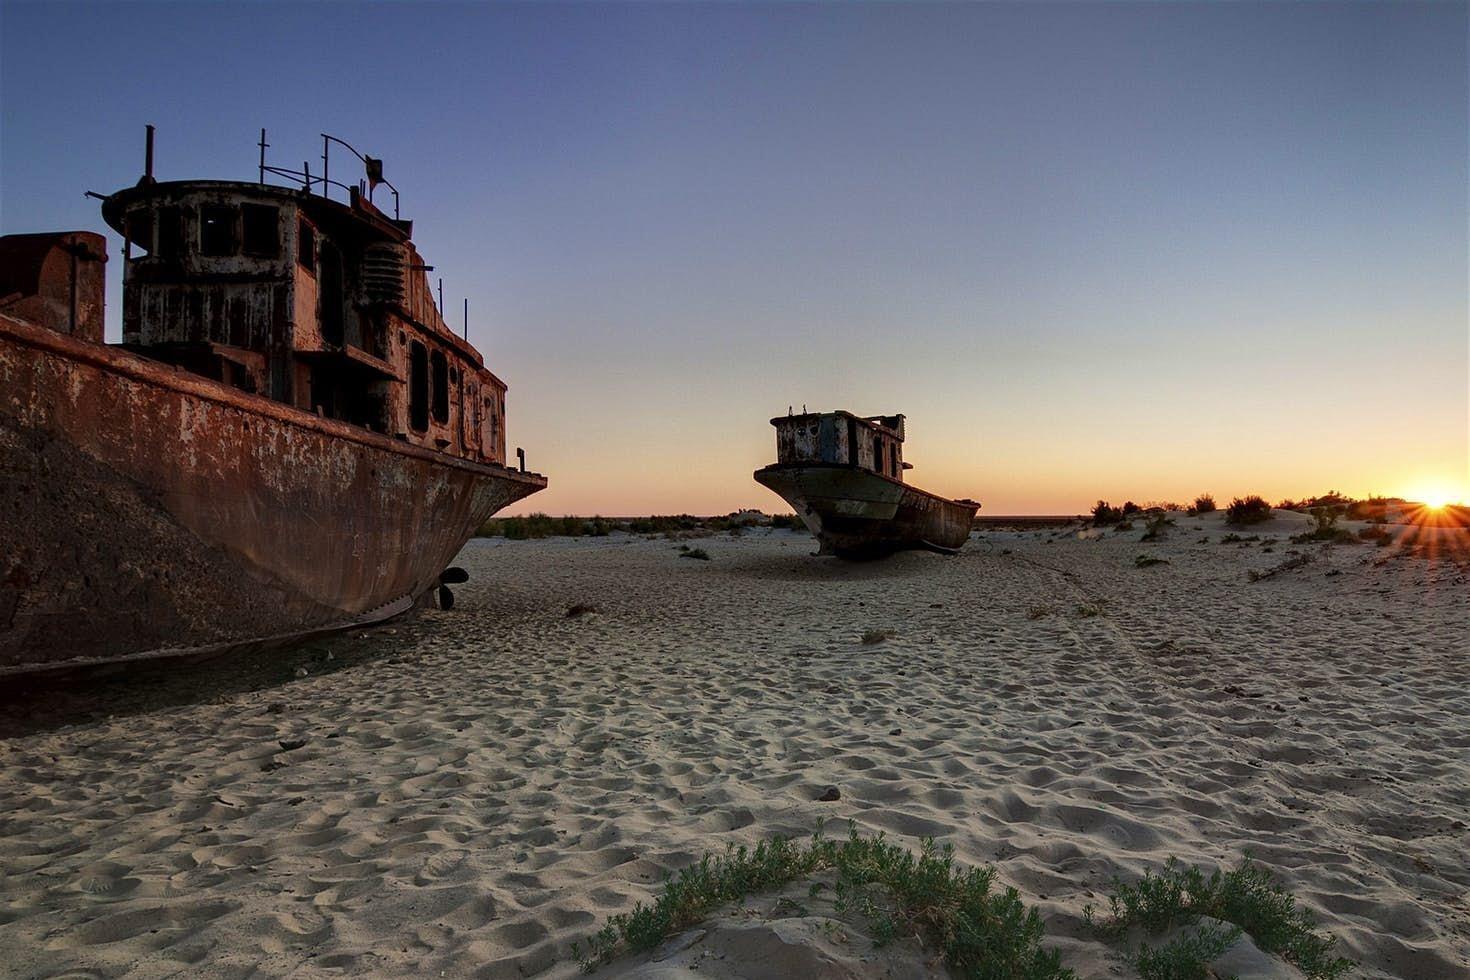 """斥巨资买40艘军舰准备建海军,转头发现""""海""""没了!不是蒙古"""